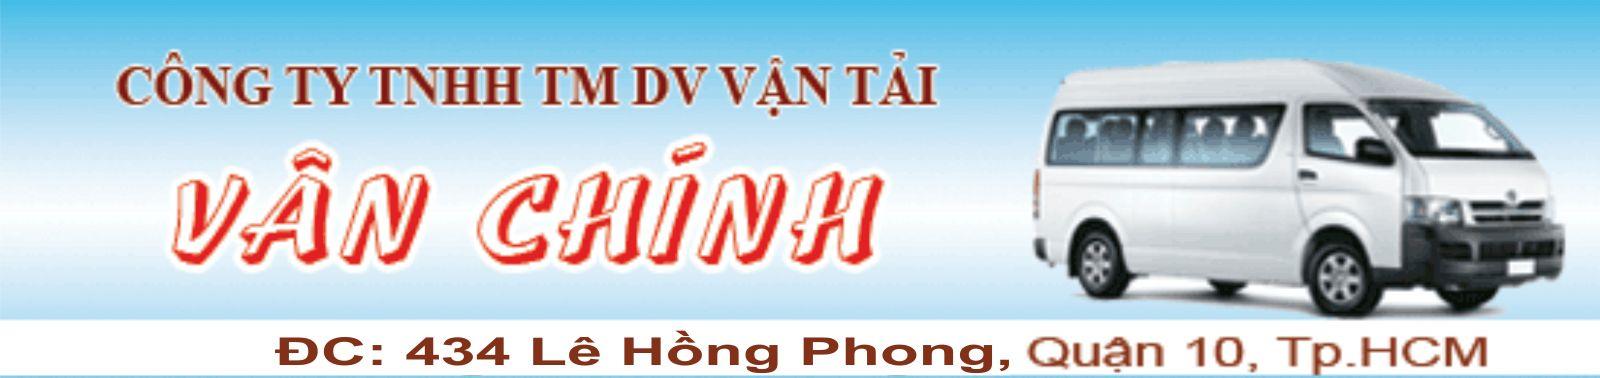 CÔNG TY TNHH TM DV VẬN TẢI VÂN CHÍNH